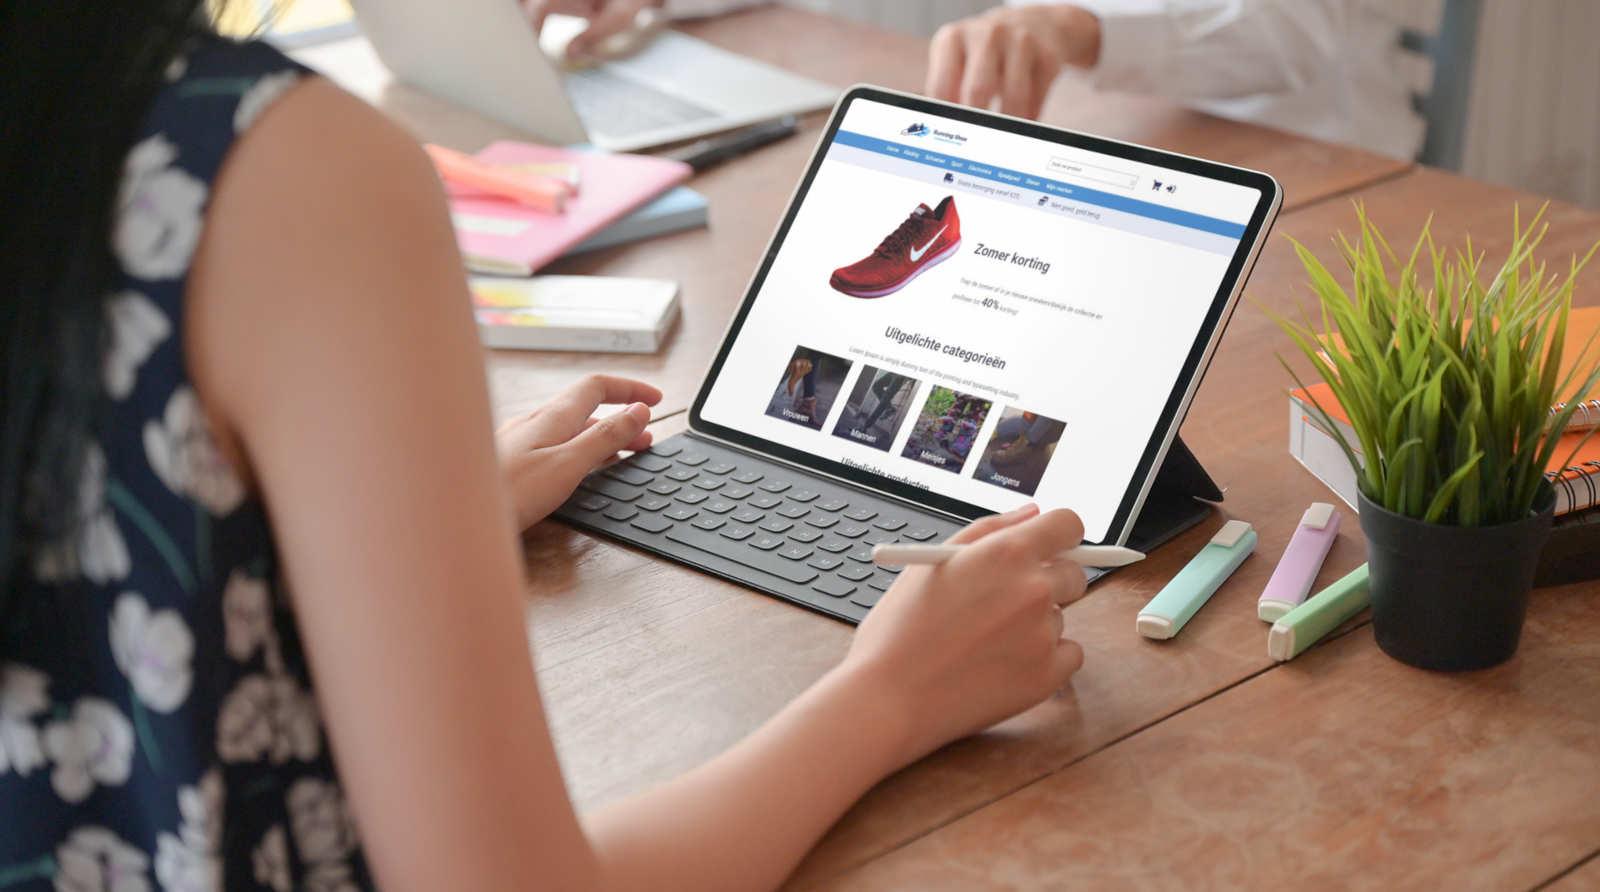 Jouw webshop bij SW-Retail - voorbeeld iPad